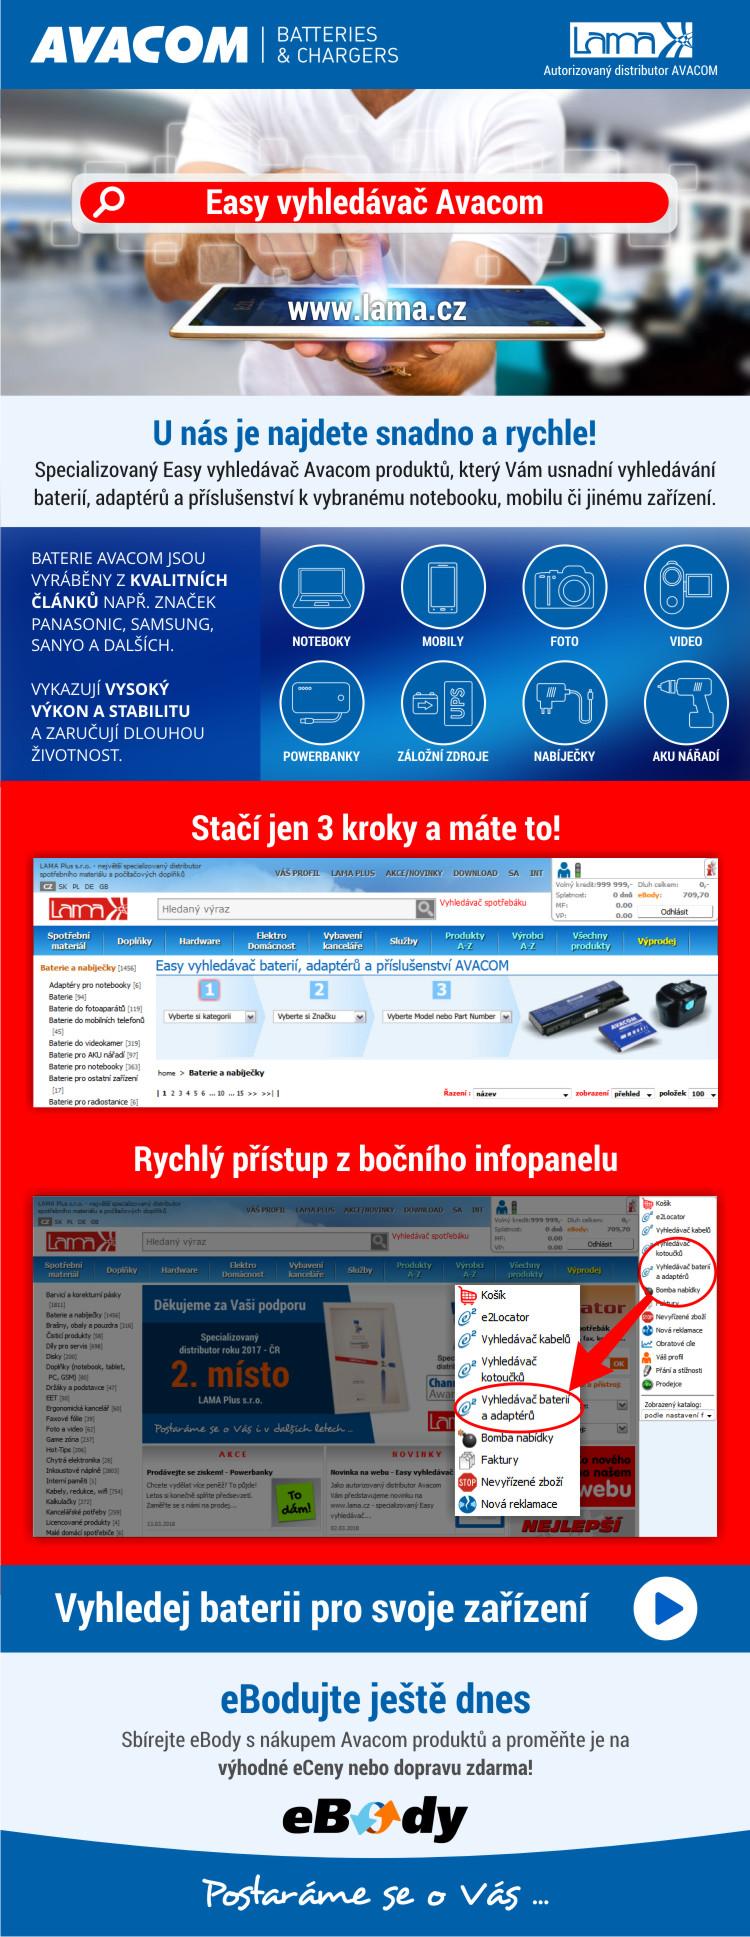 Easy vyhledávač Avacom